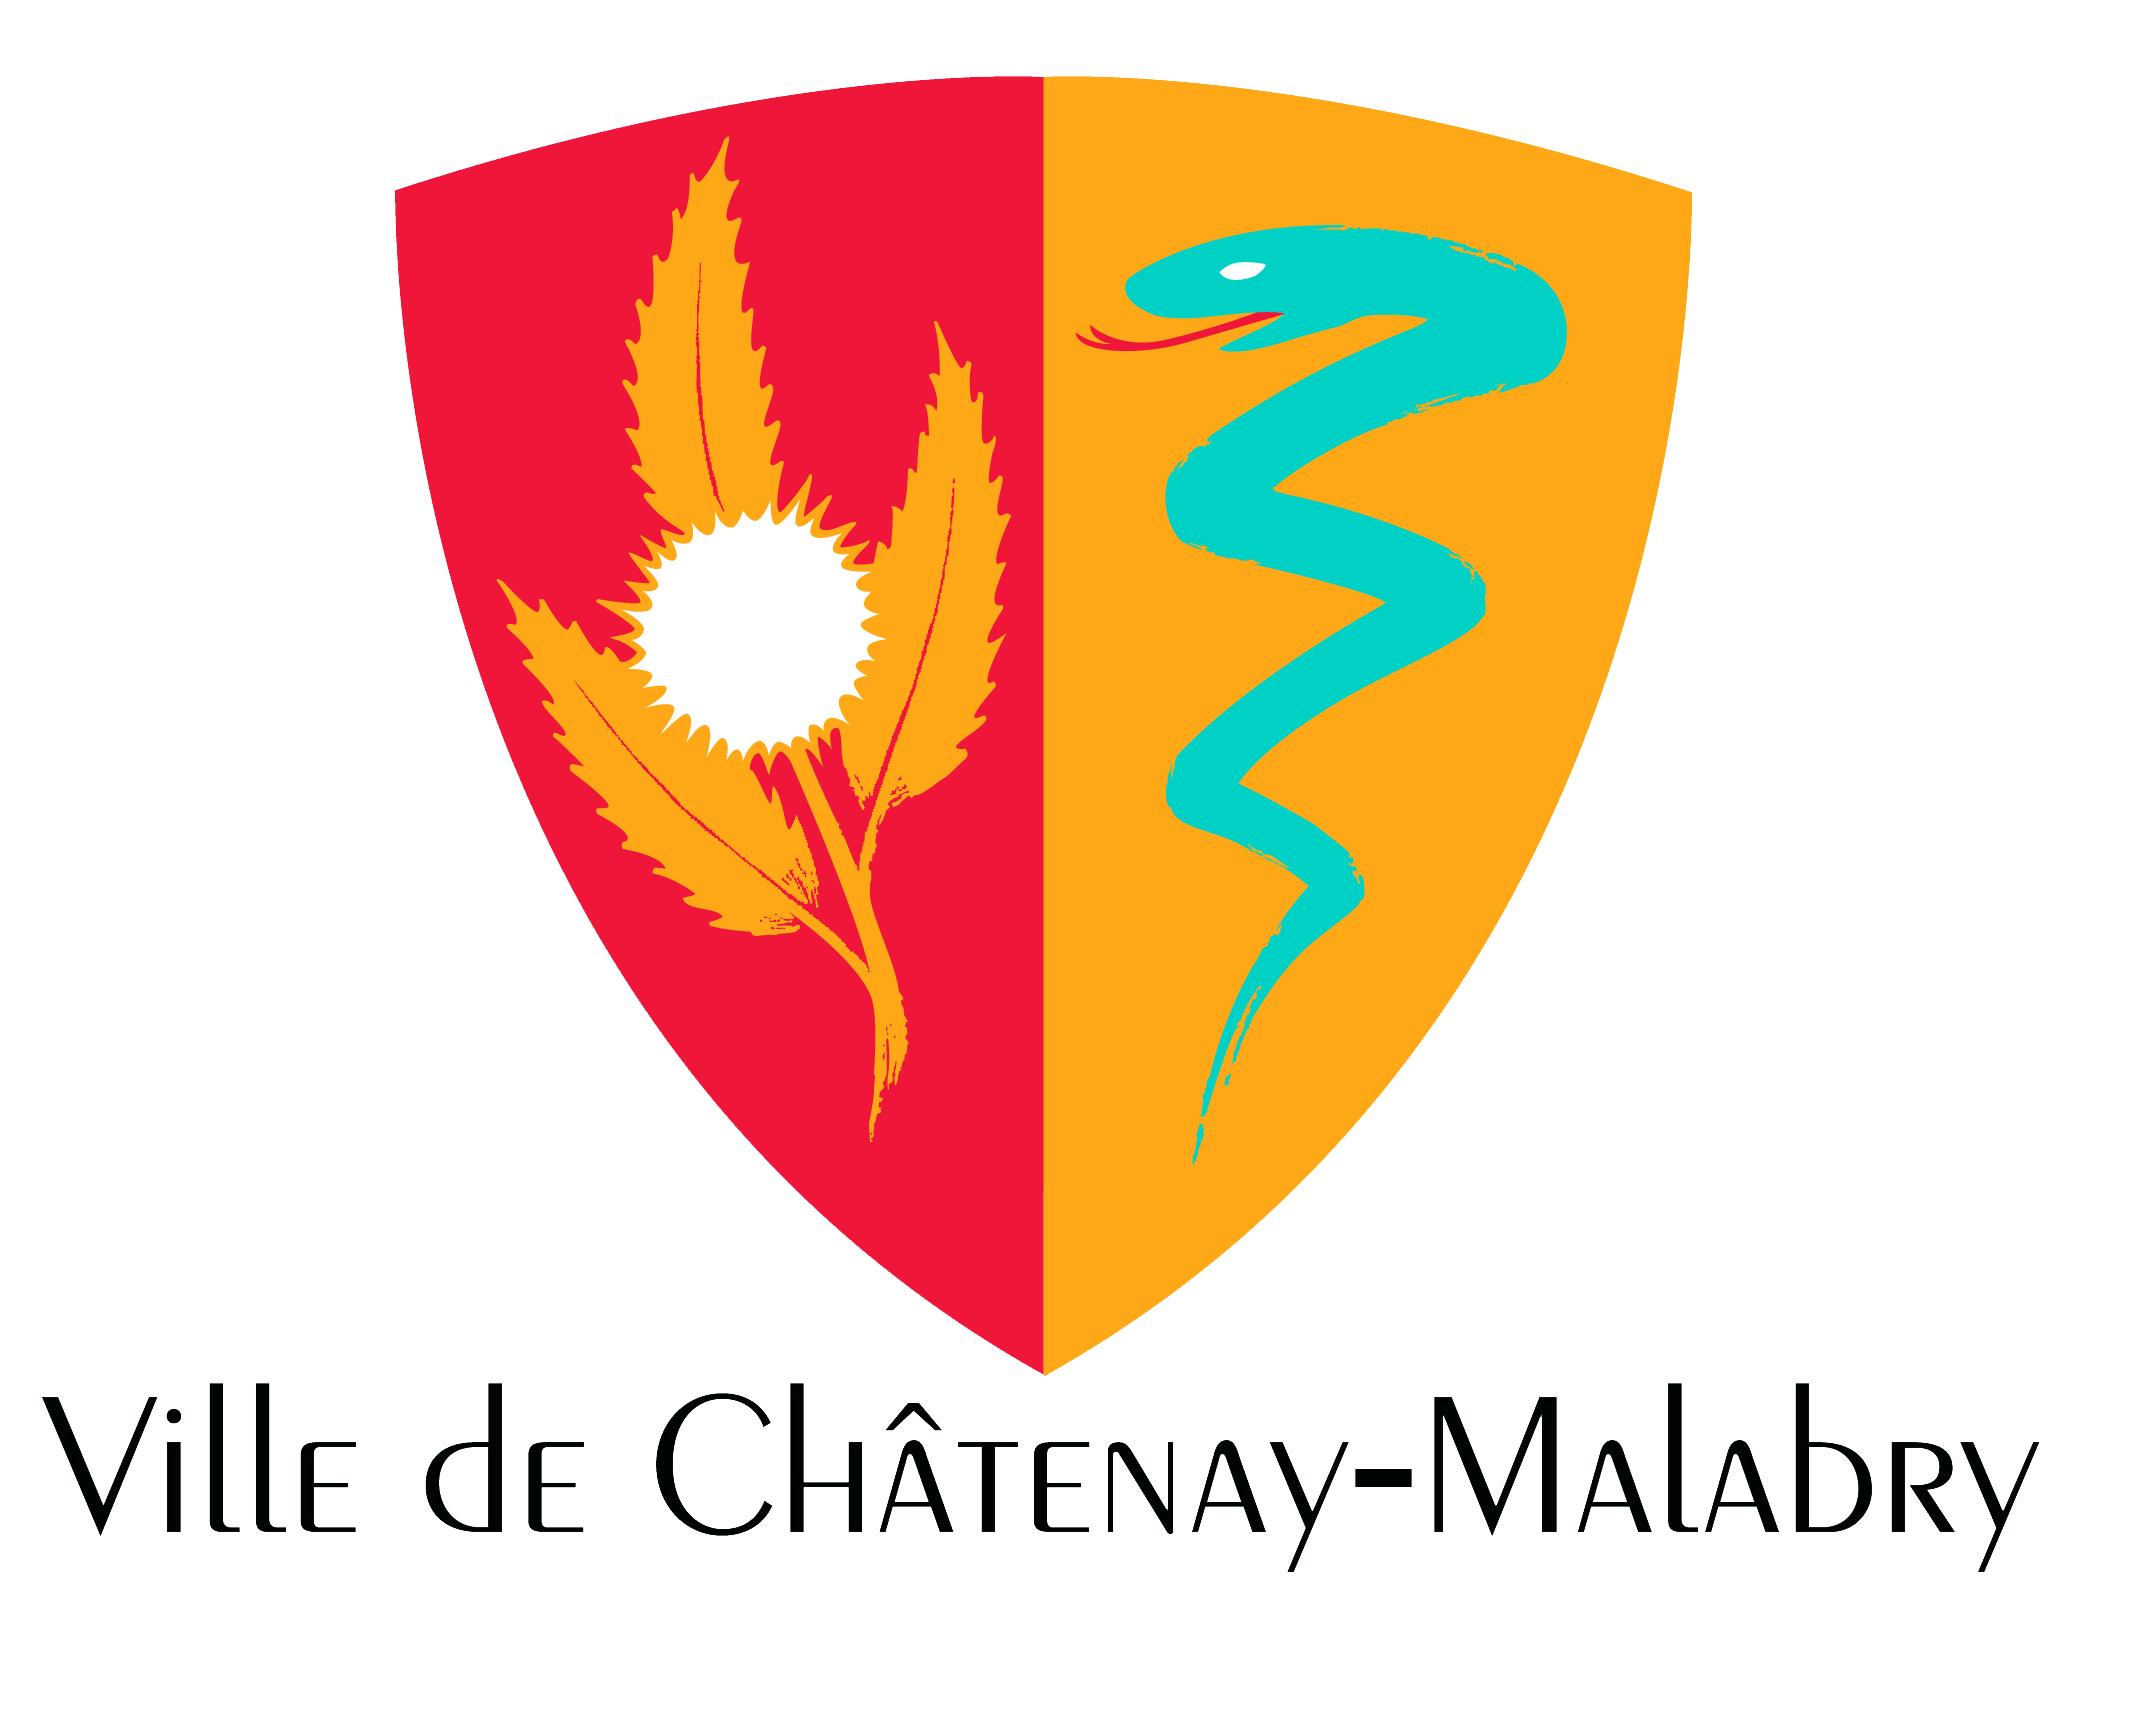 CHATENAY MALABRY